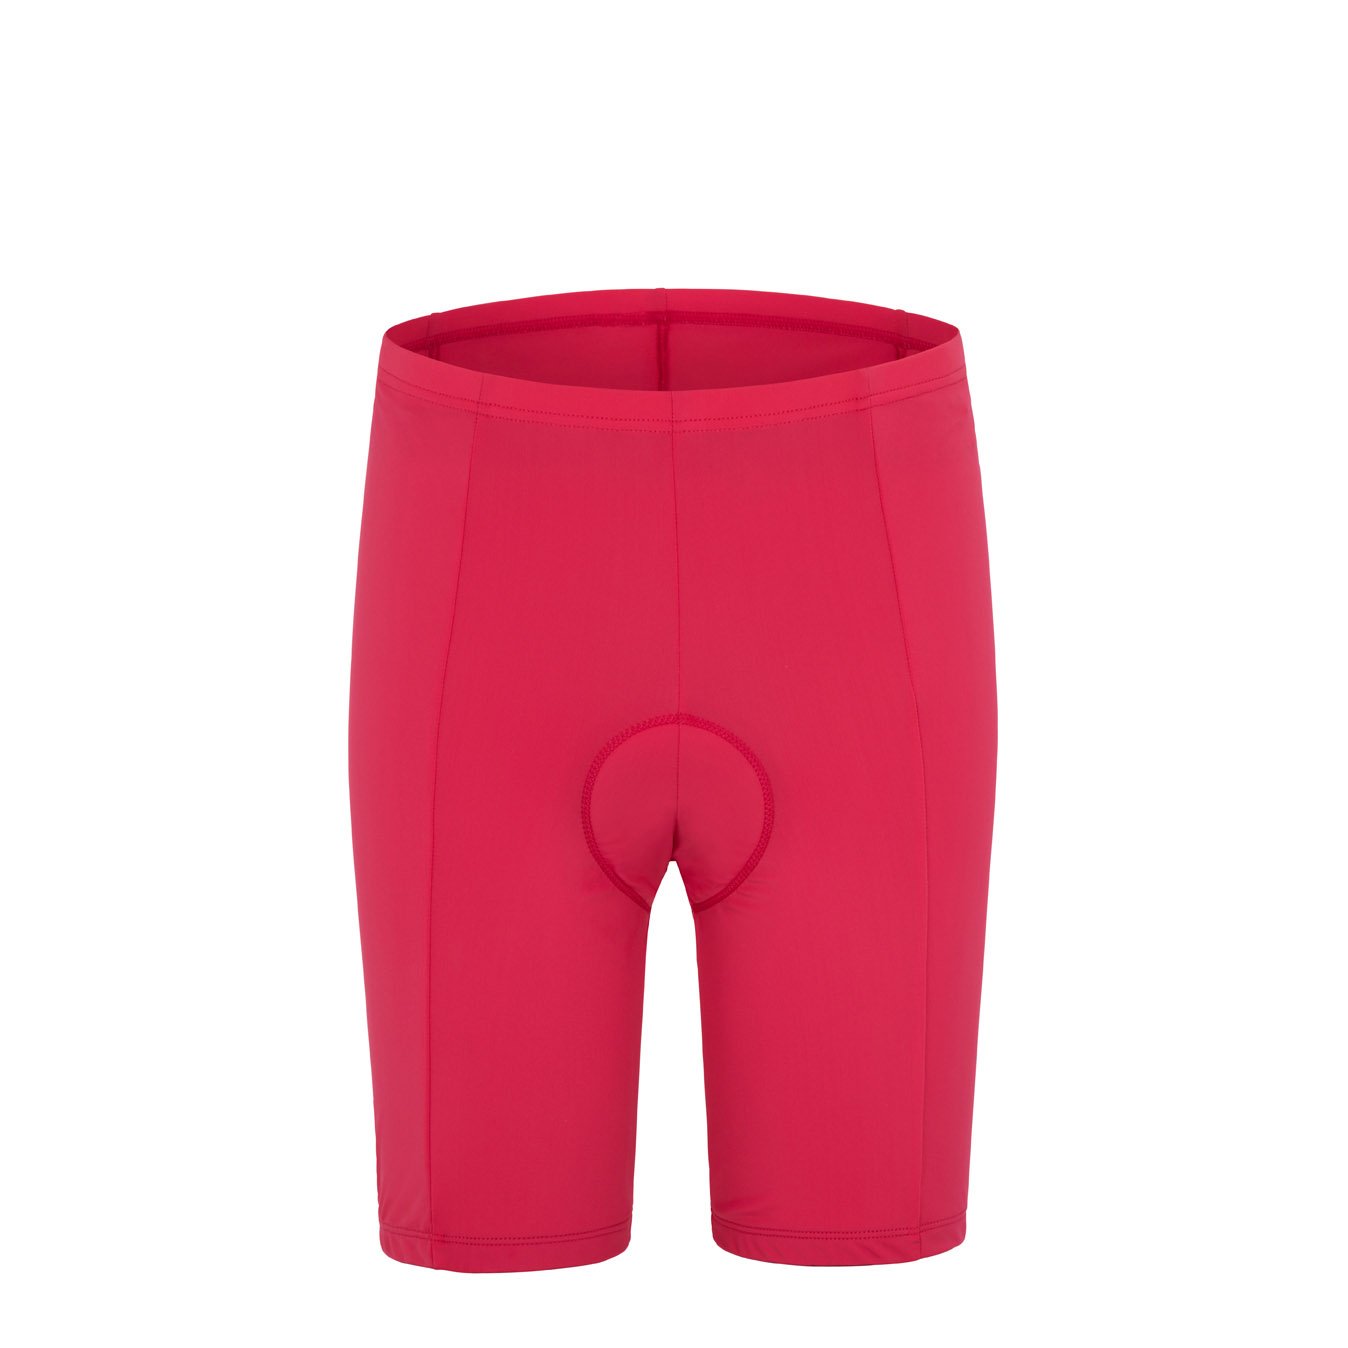 fortuna radhose damen pink gr e 36 online shop zweirad stadler. Black Bedroom Furniture Sets. Home Design Ideas